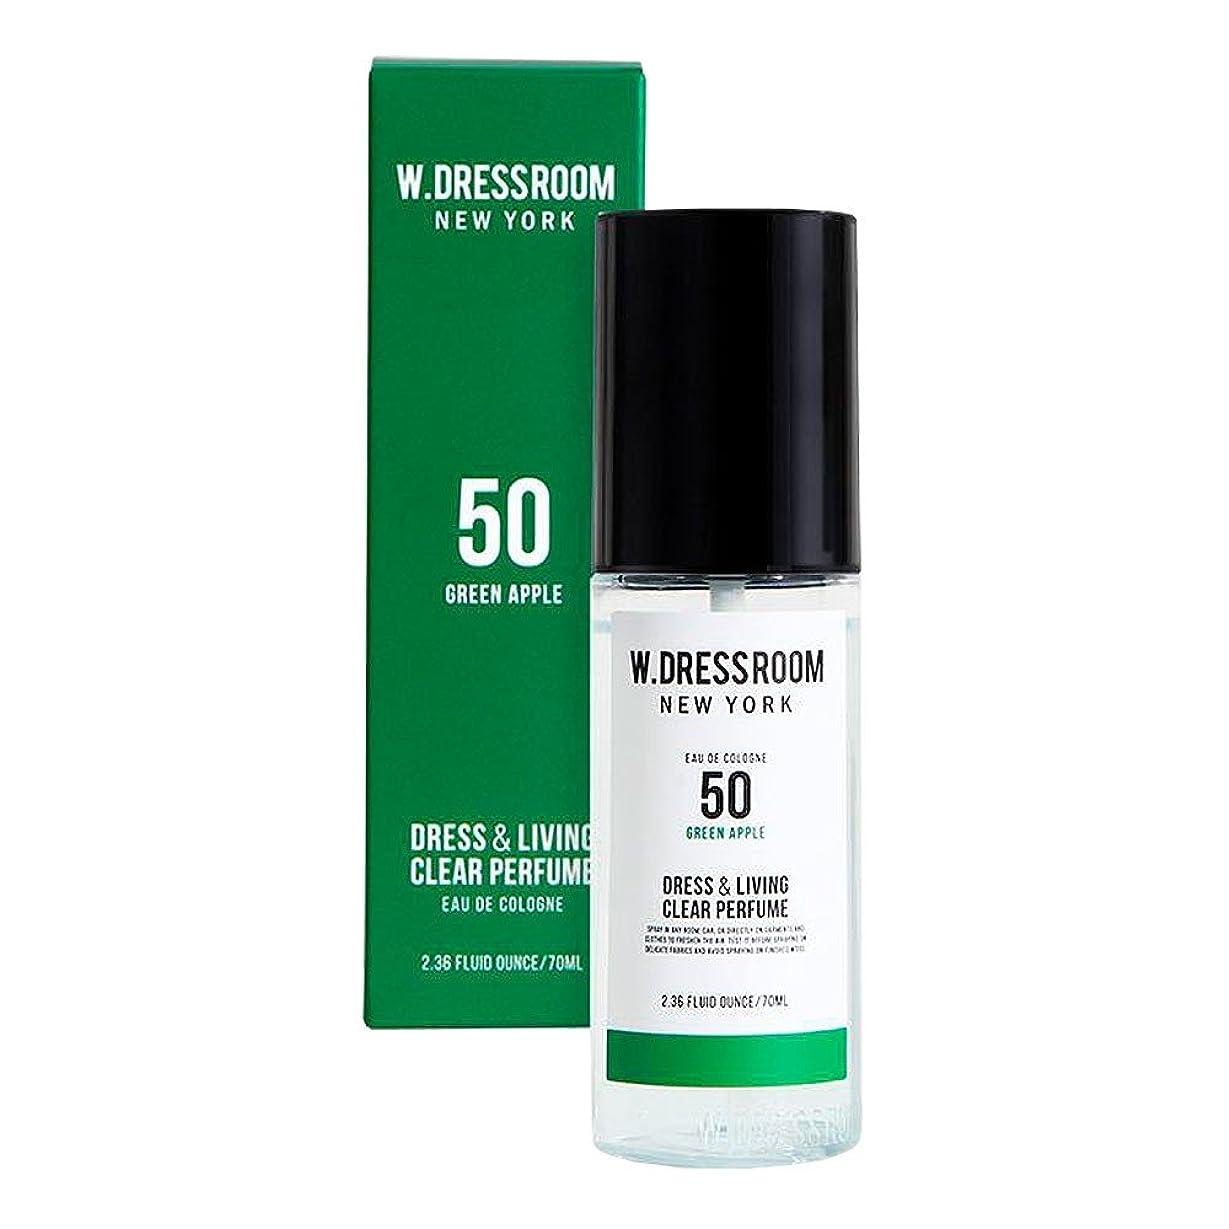 俳優租界ワイヤーW.DRESSROOM Dress & Living Clear Perfume fragrance 70ml (#No.50 Green Apple)/ダブルドレスルーム ドレス&リビング クリア パフューム 70ml (#No.50 Green Apple)